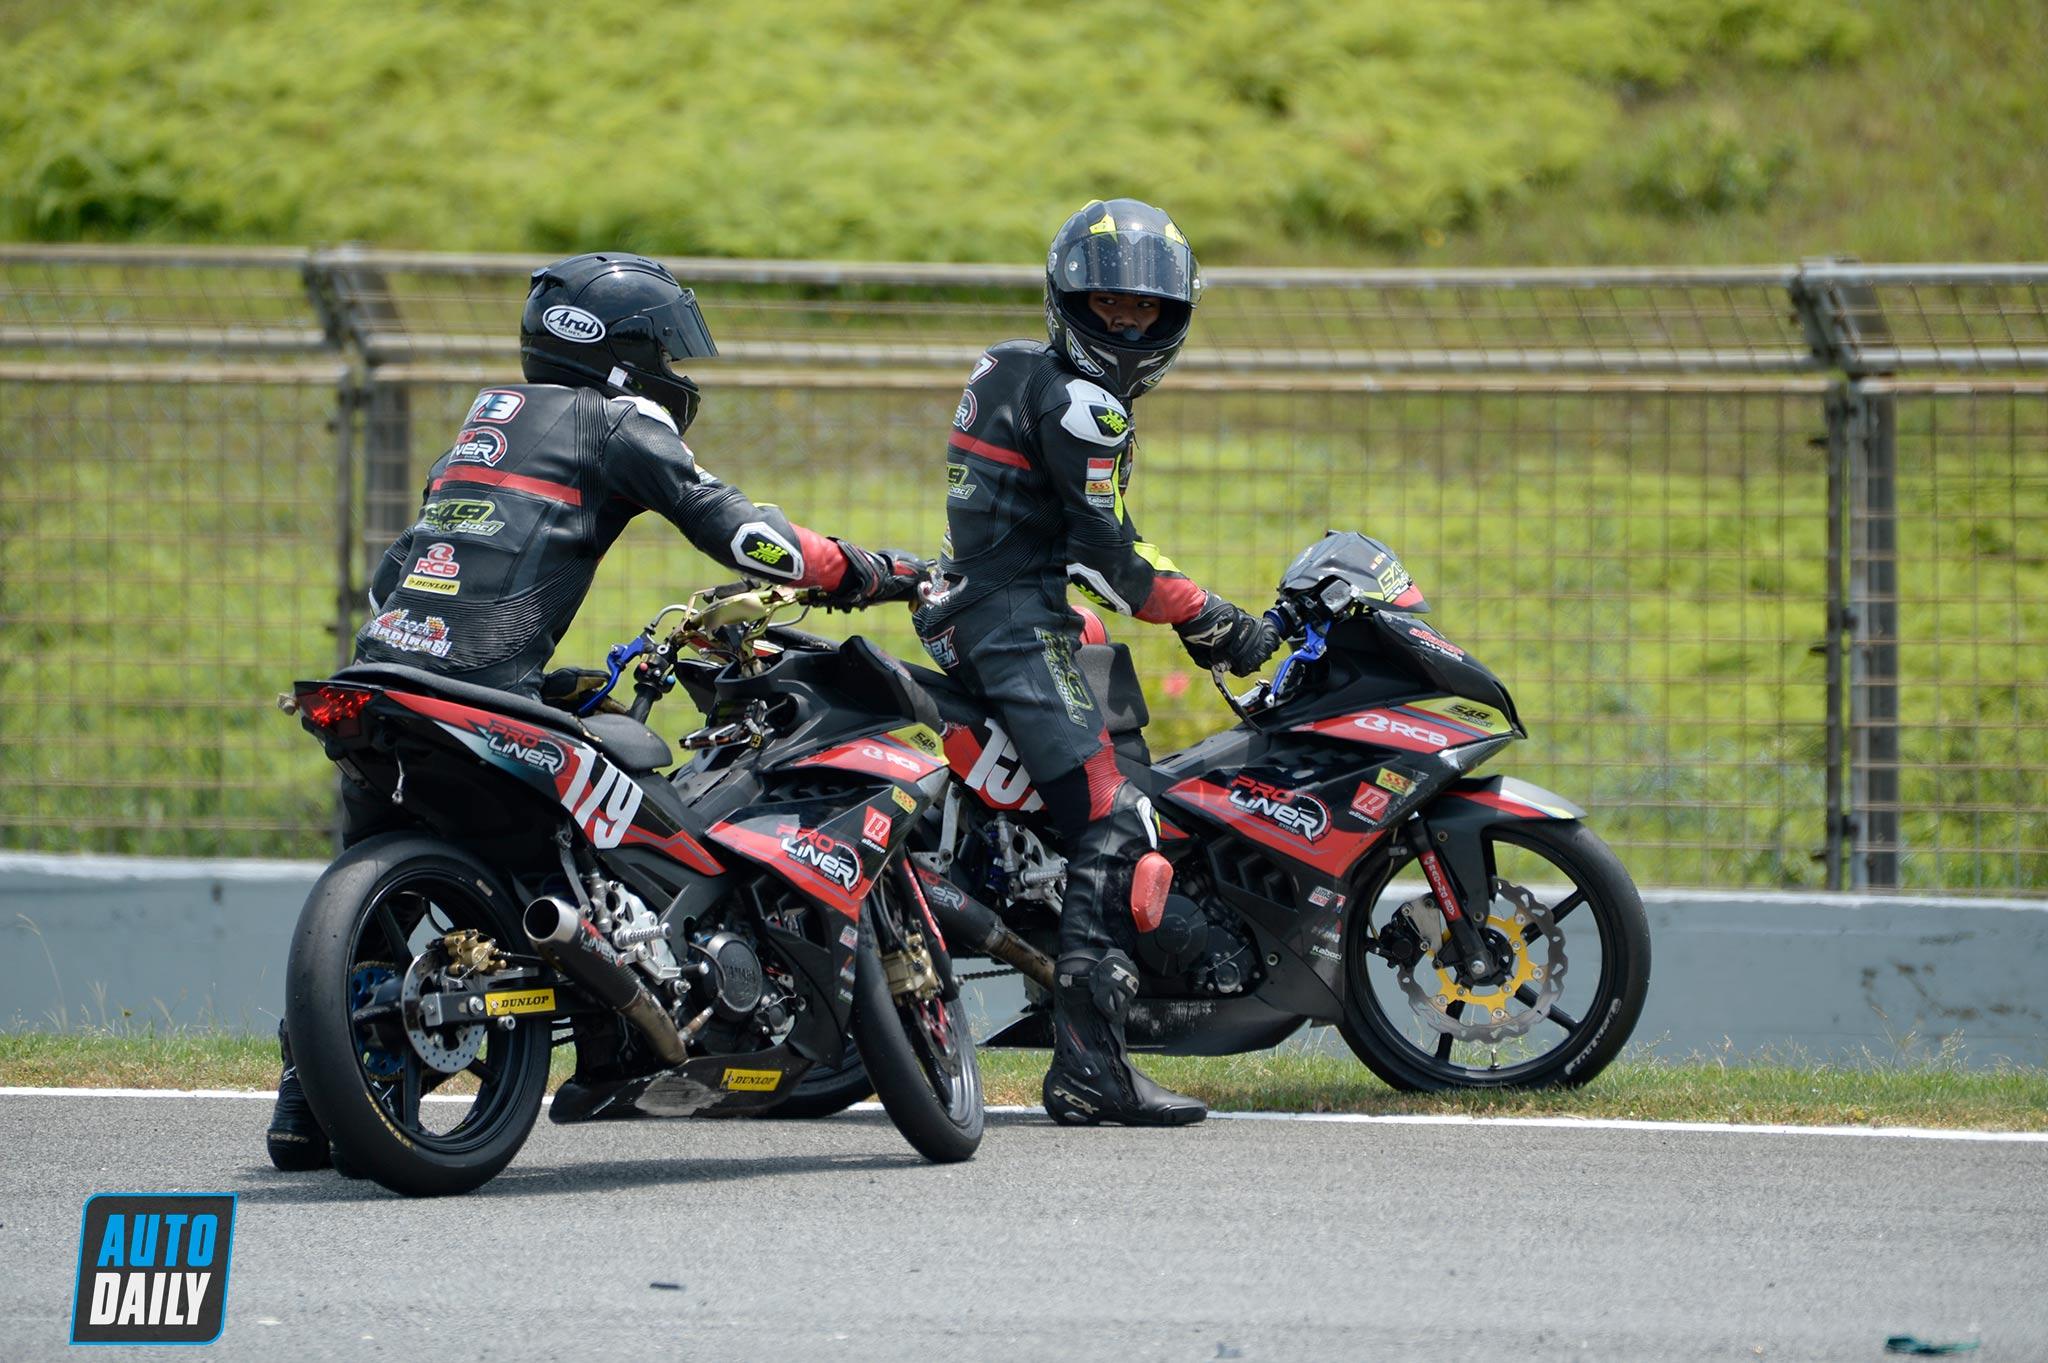 arrc-2019-race2-autodaily-07.jpg